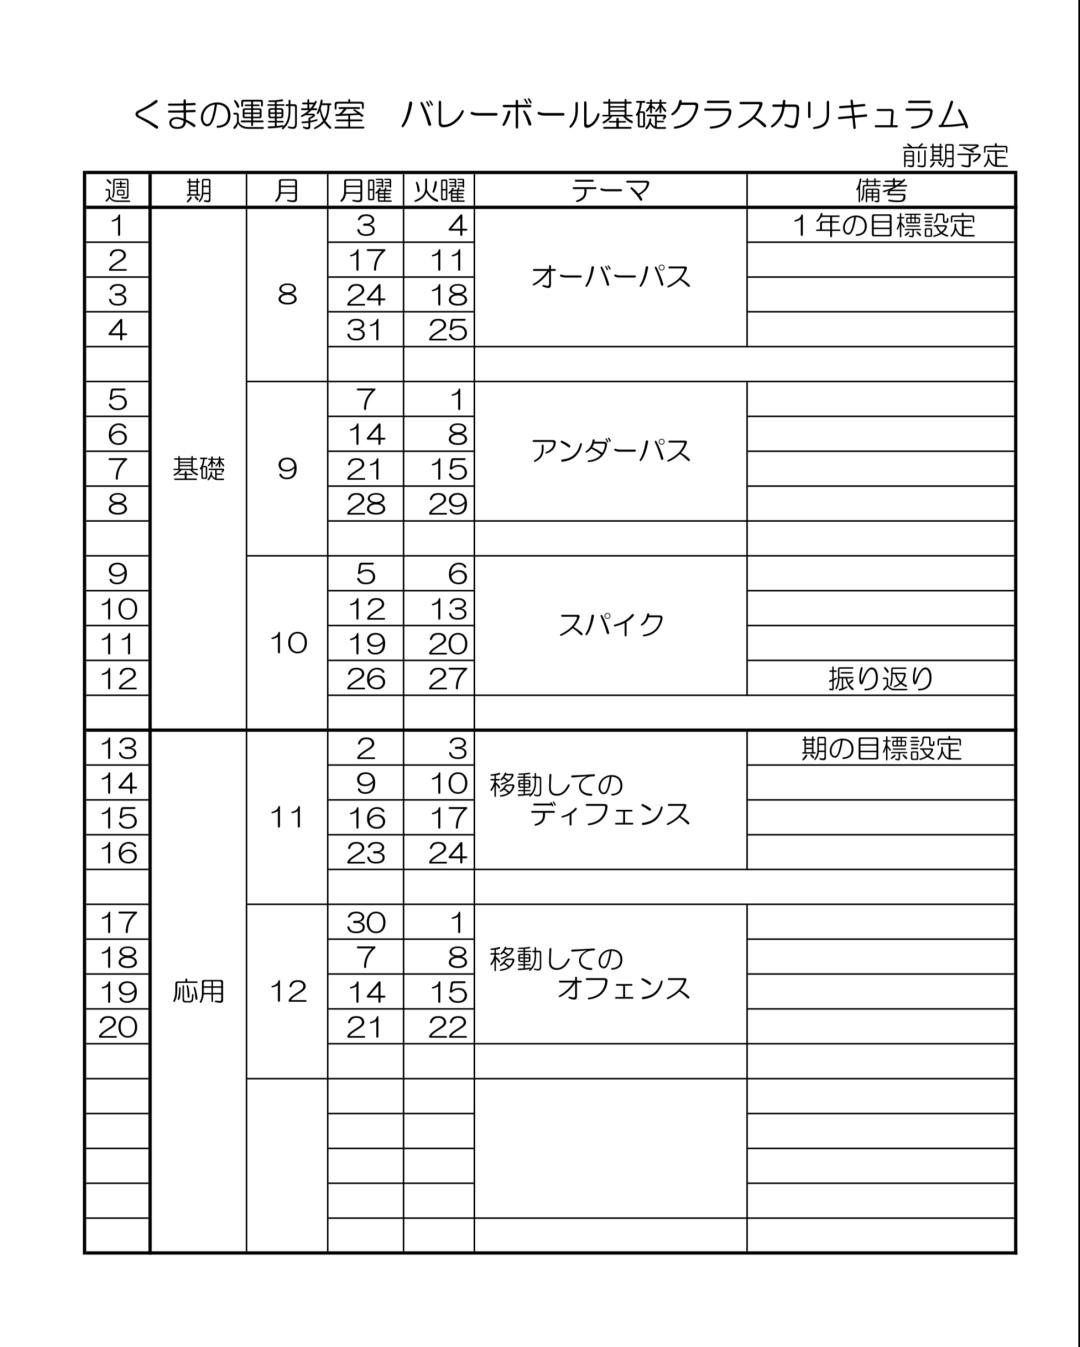 D6BAA4F8-4926-47F7-B0E5-1828025B0B62